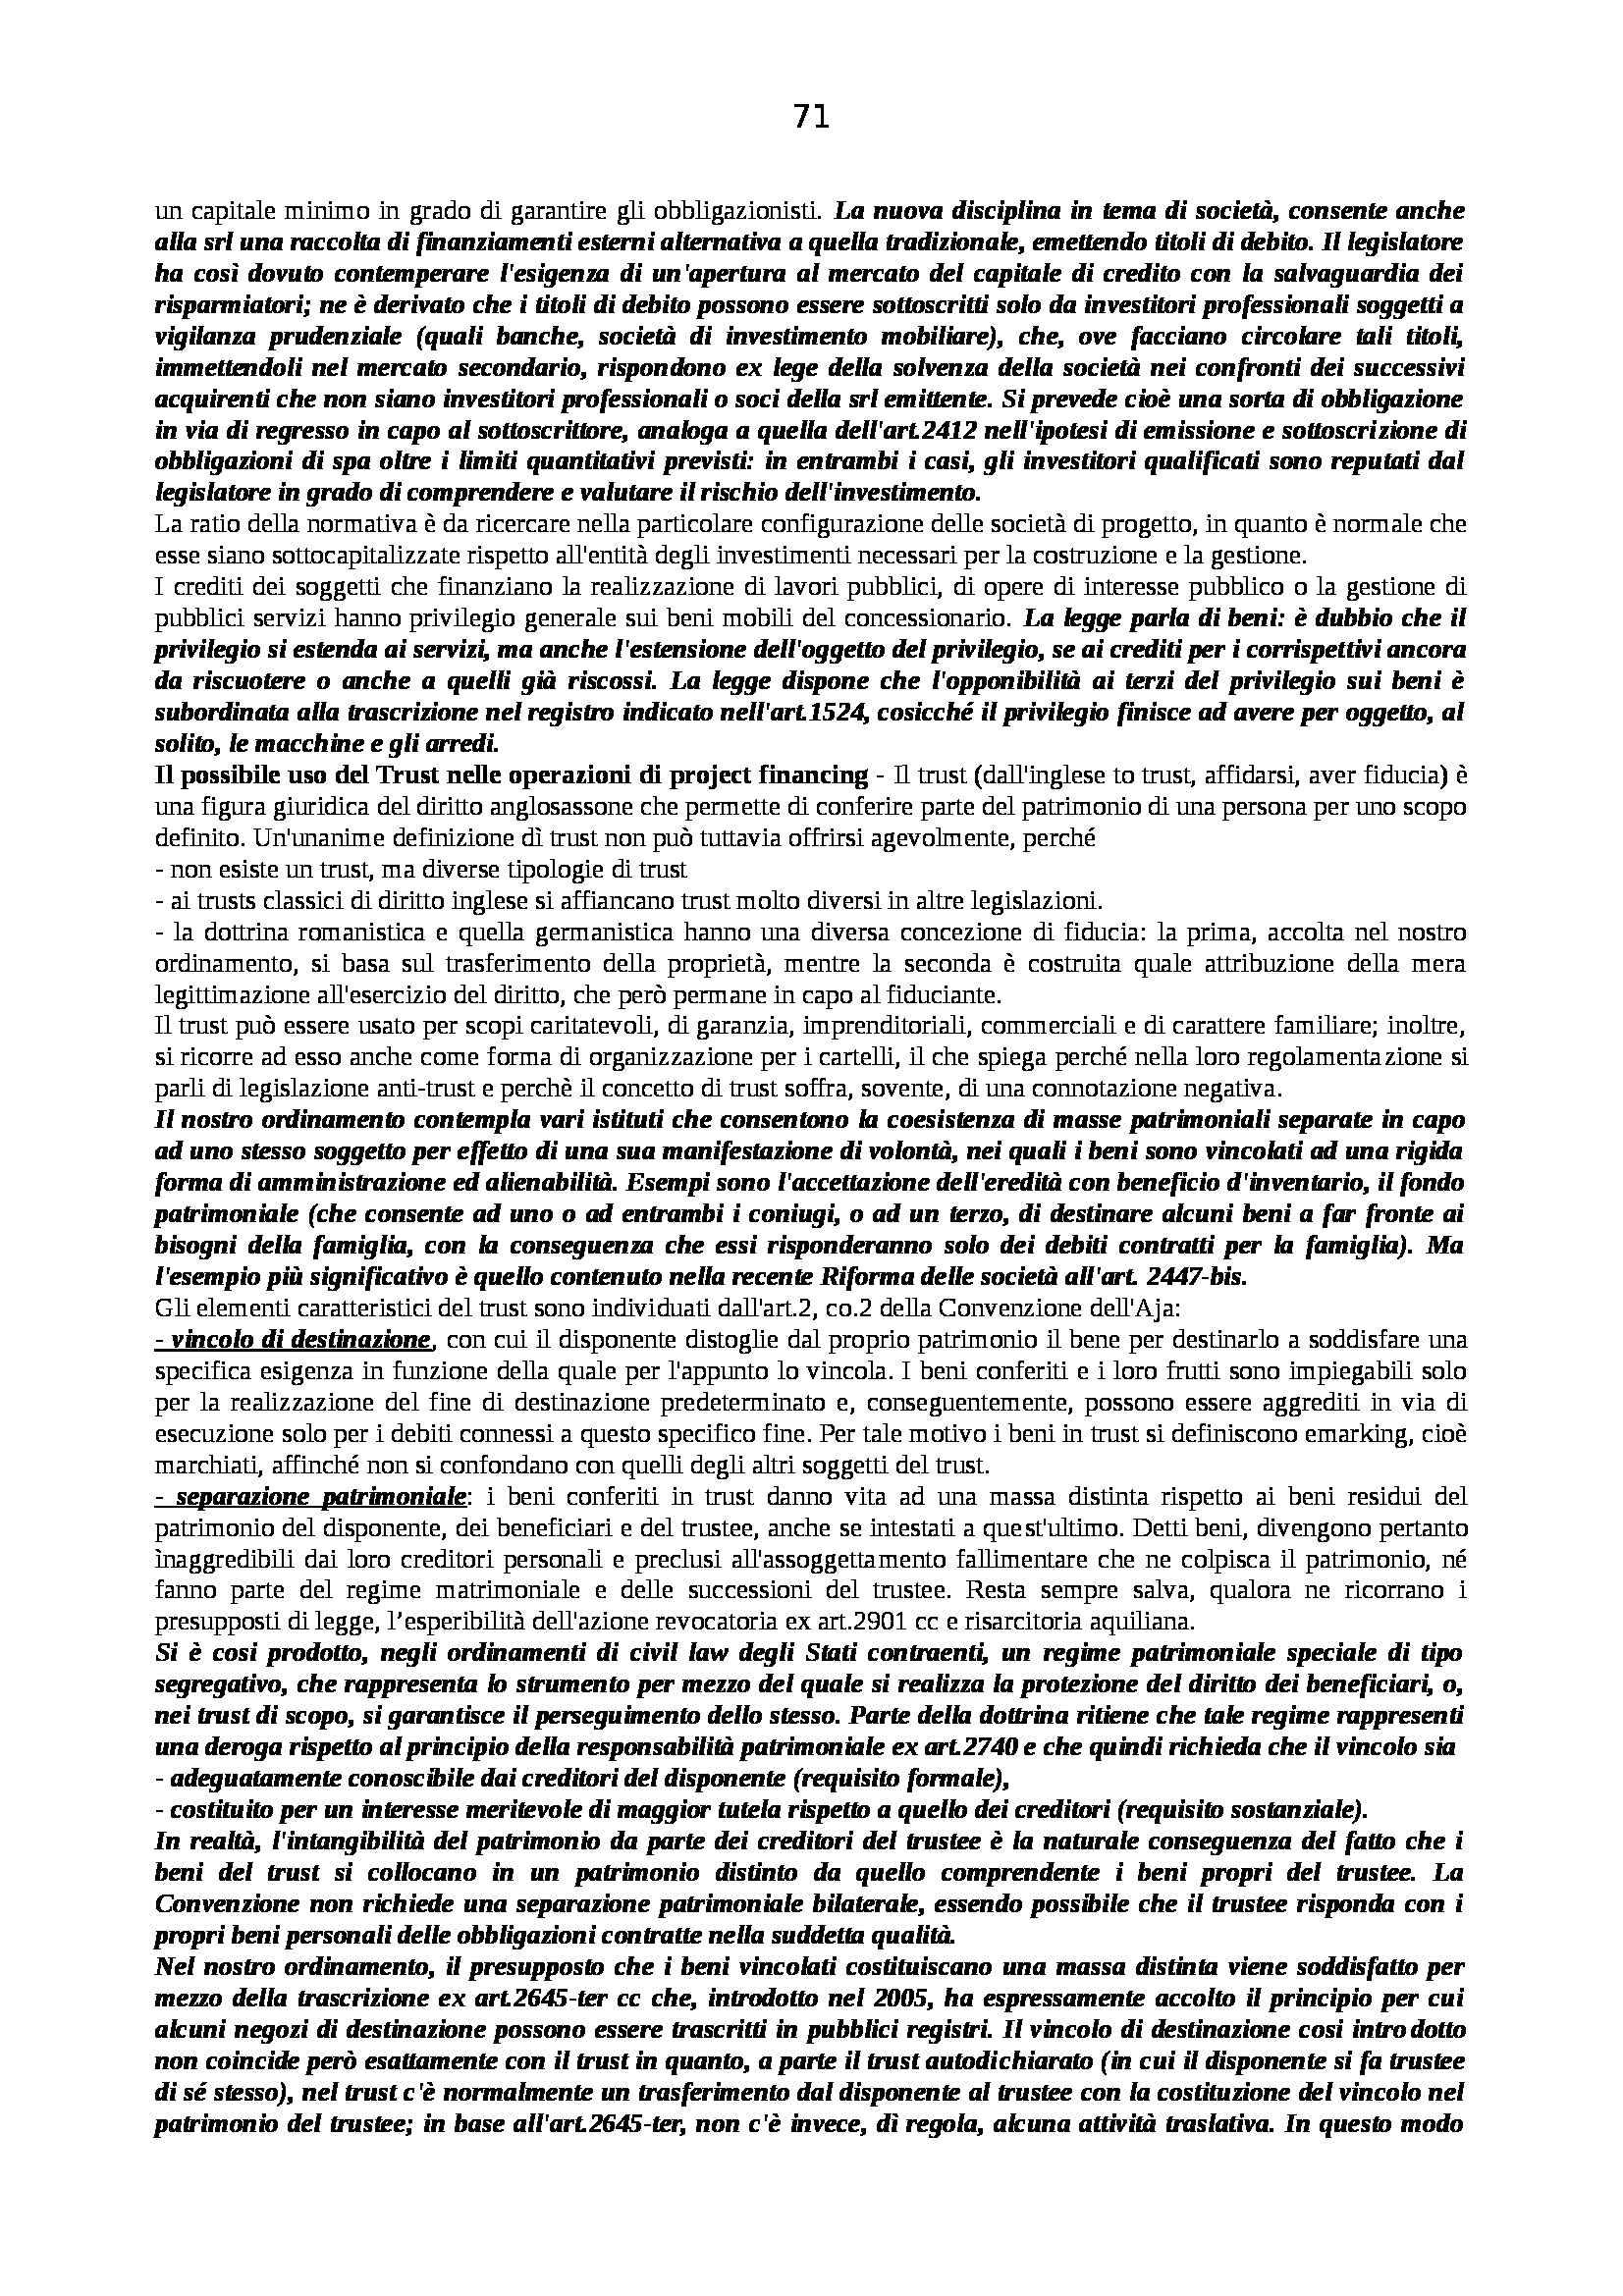 Riassunto esame Diritto Pubblico dell'Economia, prof. Capunzo, libro consigliato Argomenti di Diritto Pubblico dell'Economia di Capunzo Pag. 71